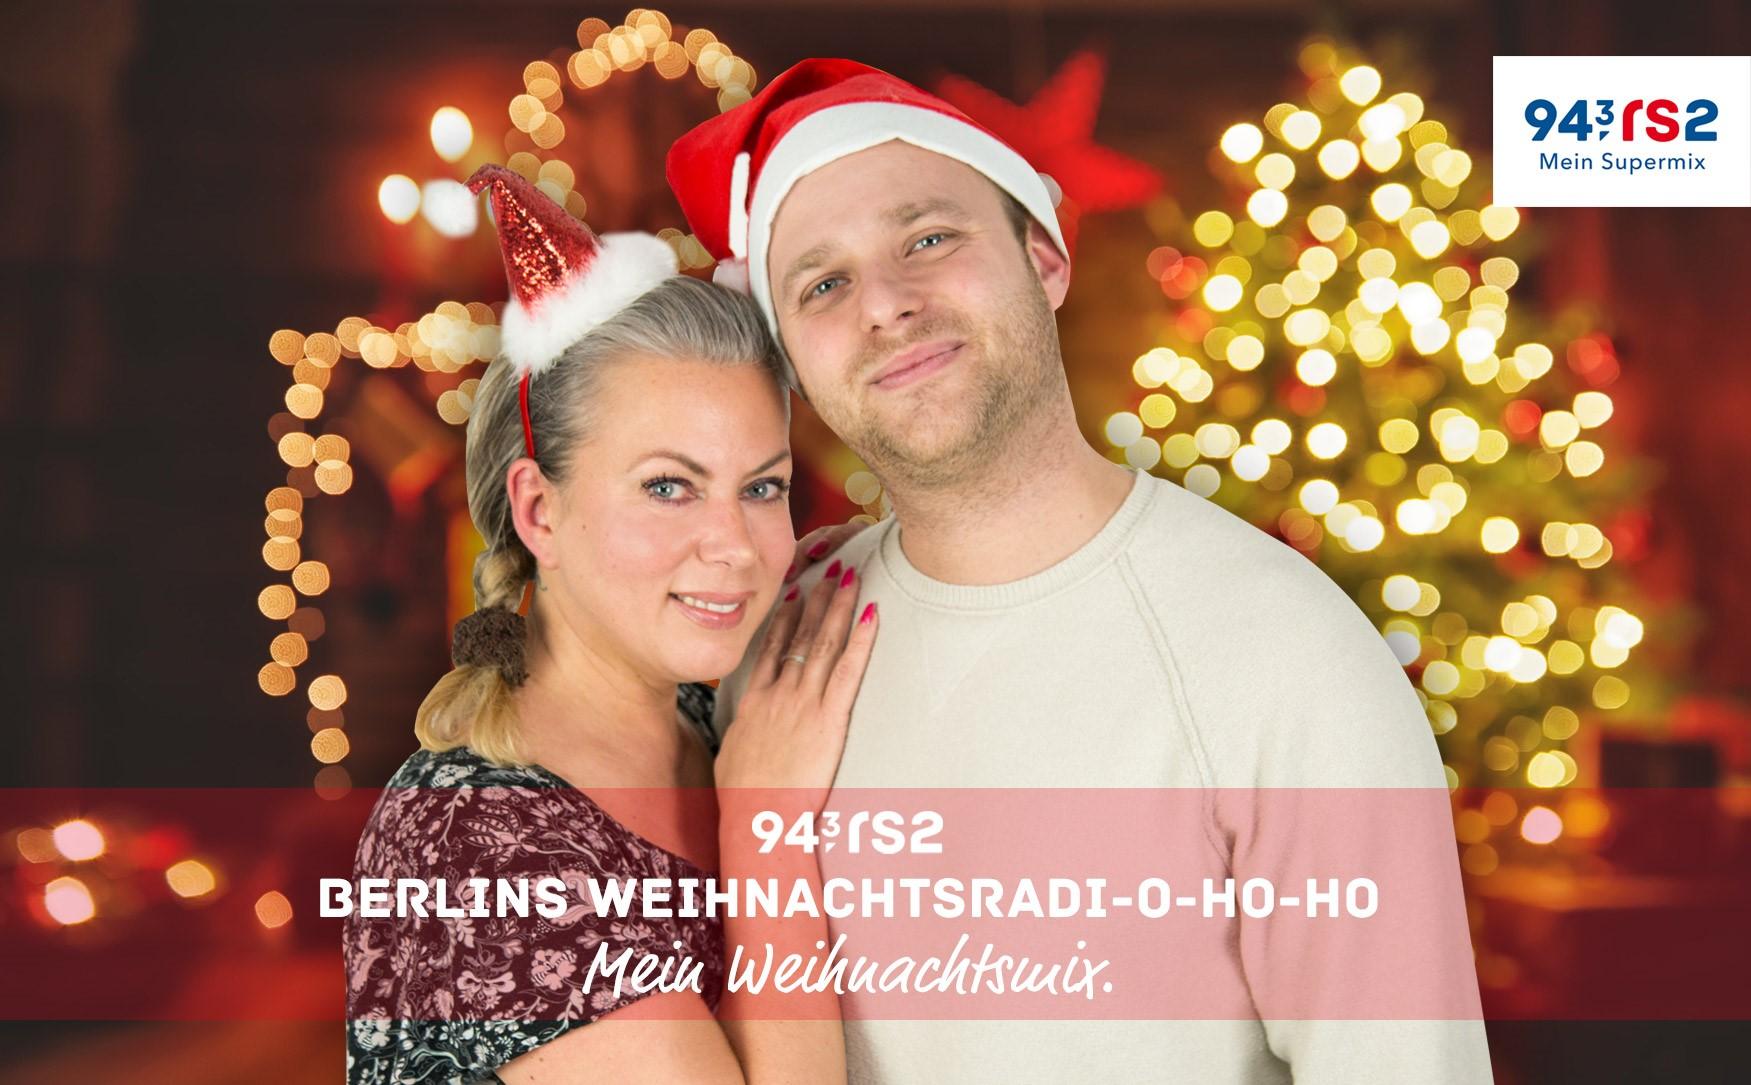 Rtl Weihnachten 2019.Weihnachtsradio Check Die Besten Weihnachtsradios 2018